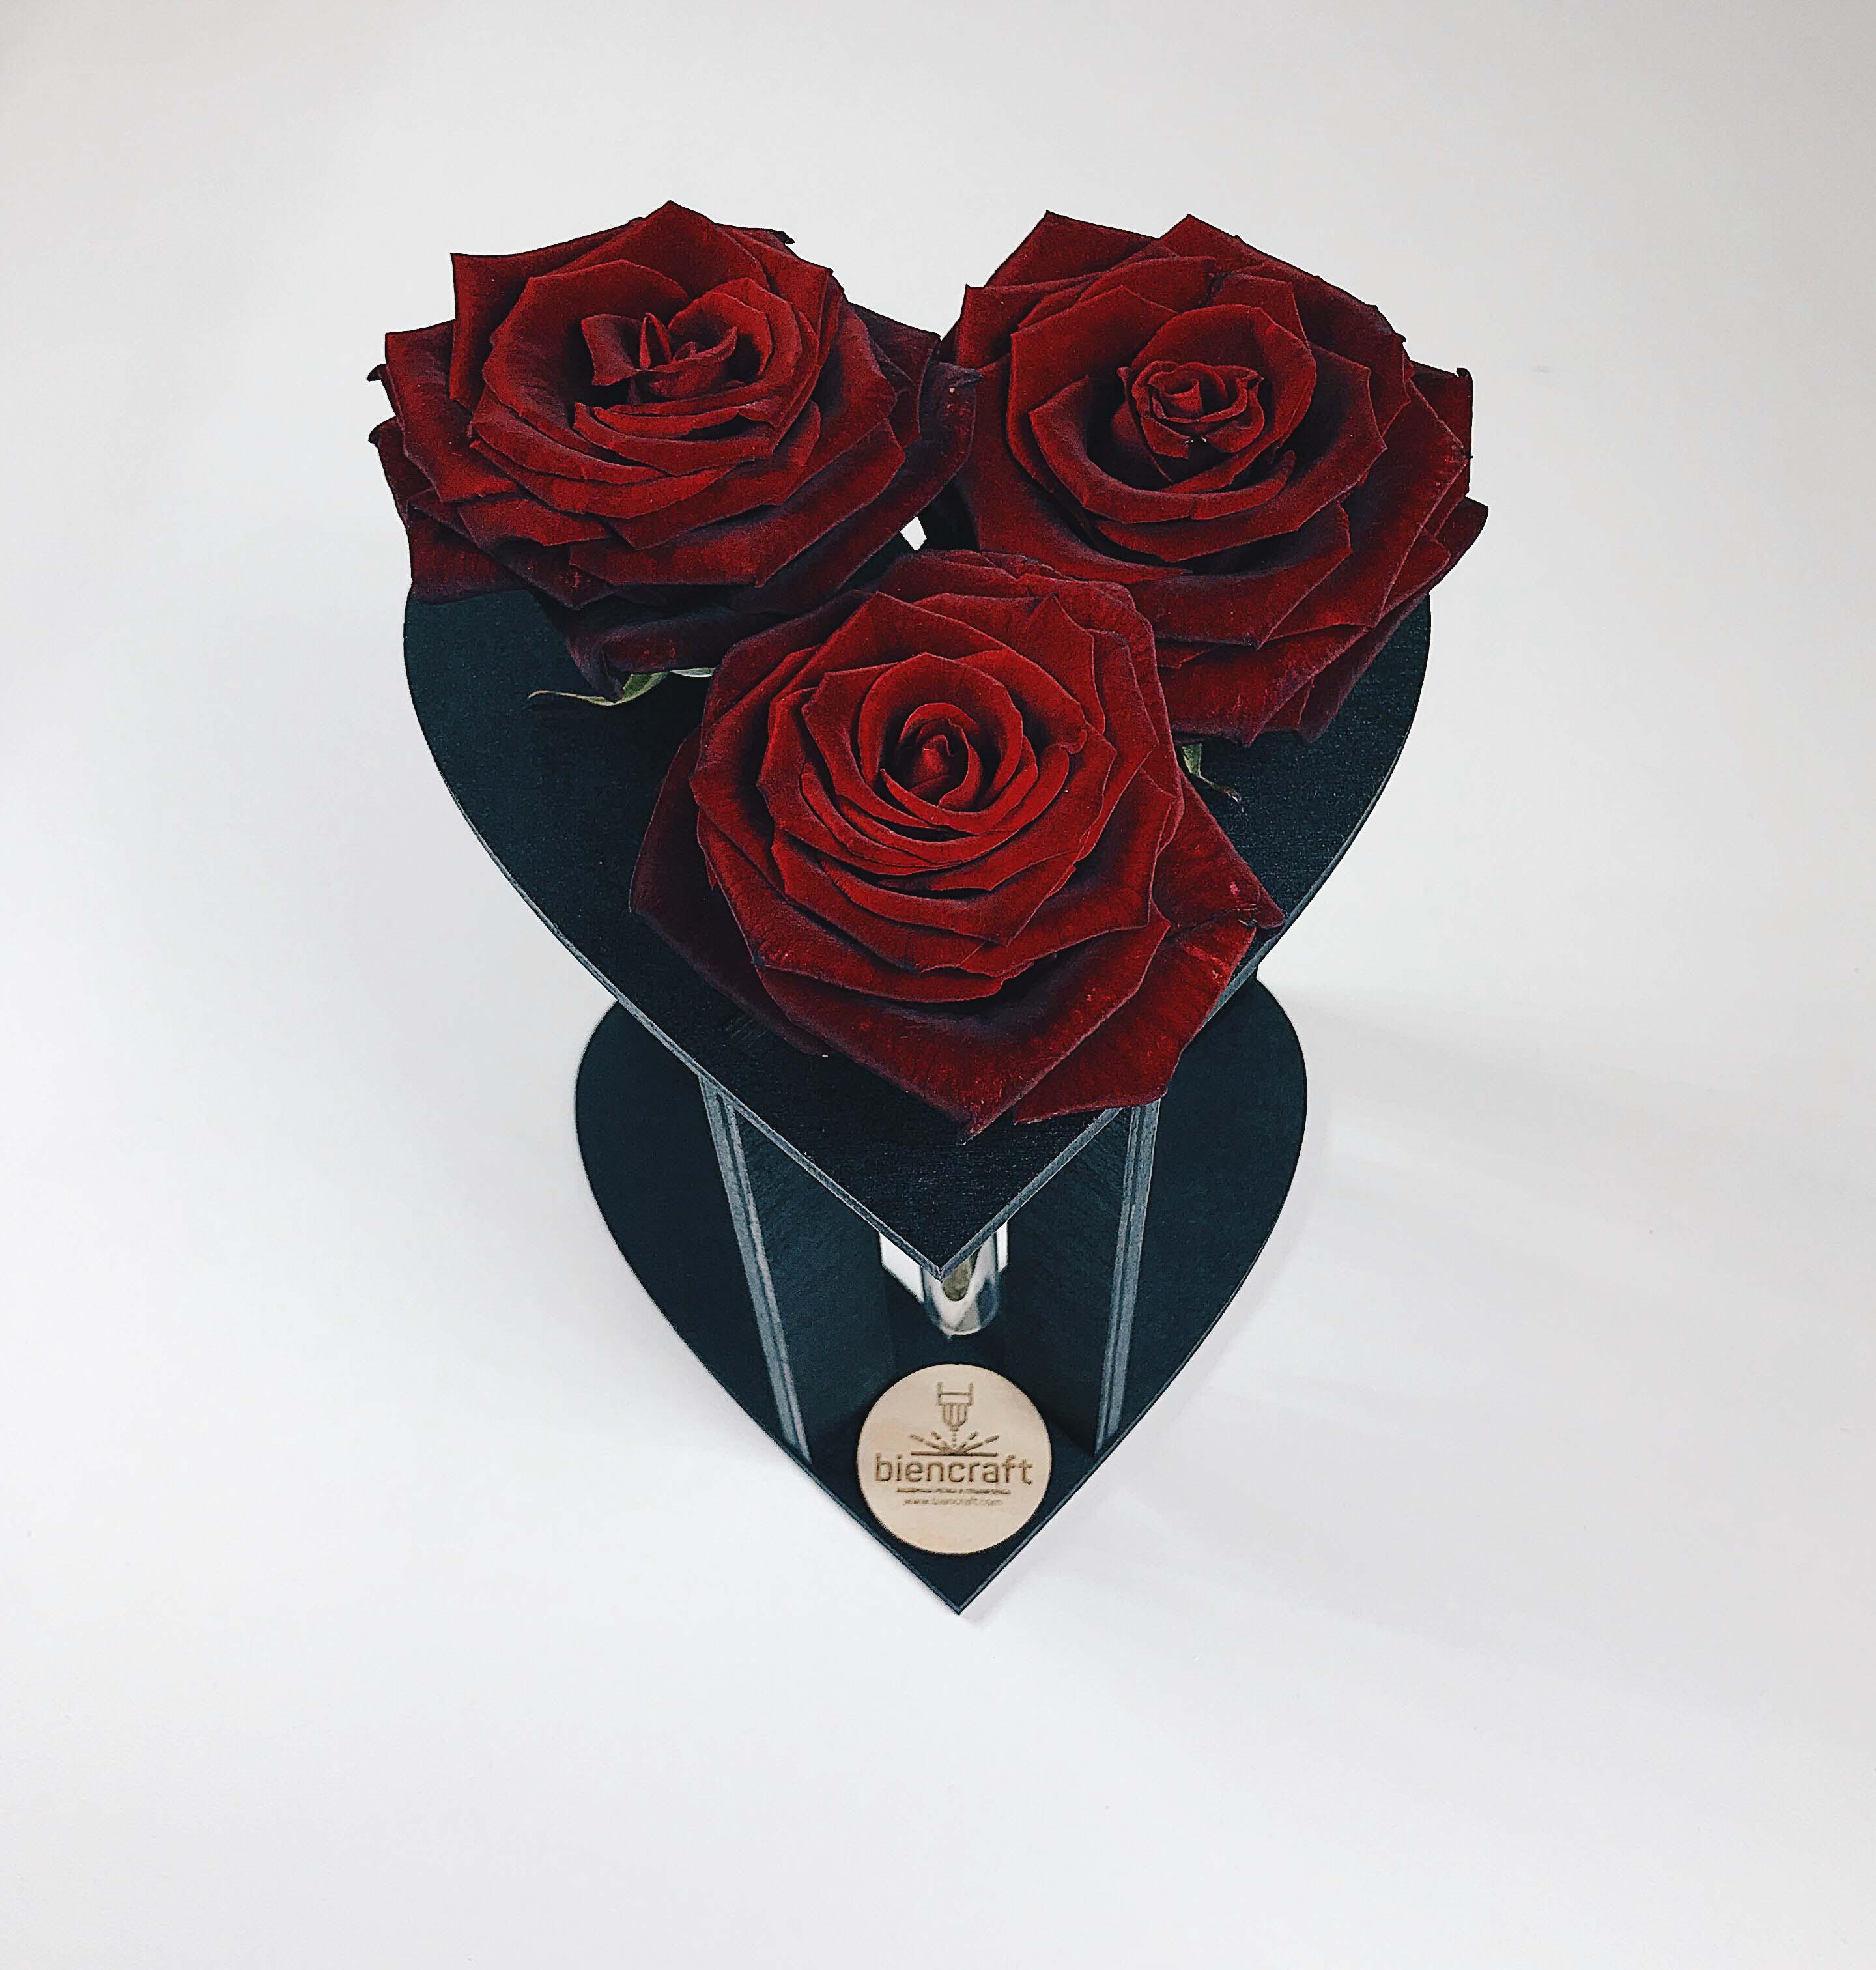 biencraft-стойка-под-розы